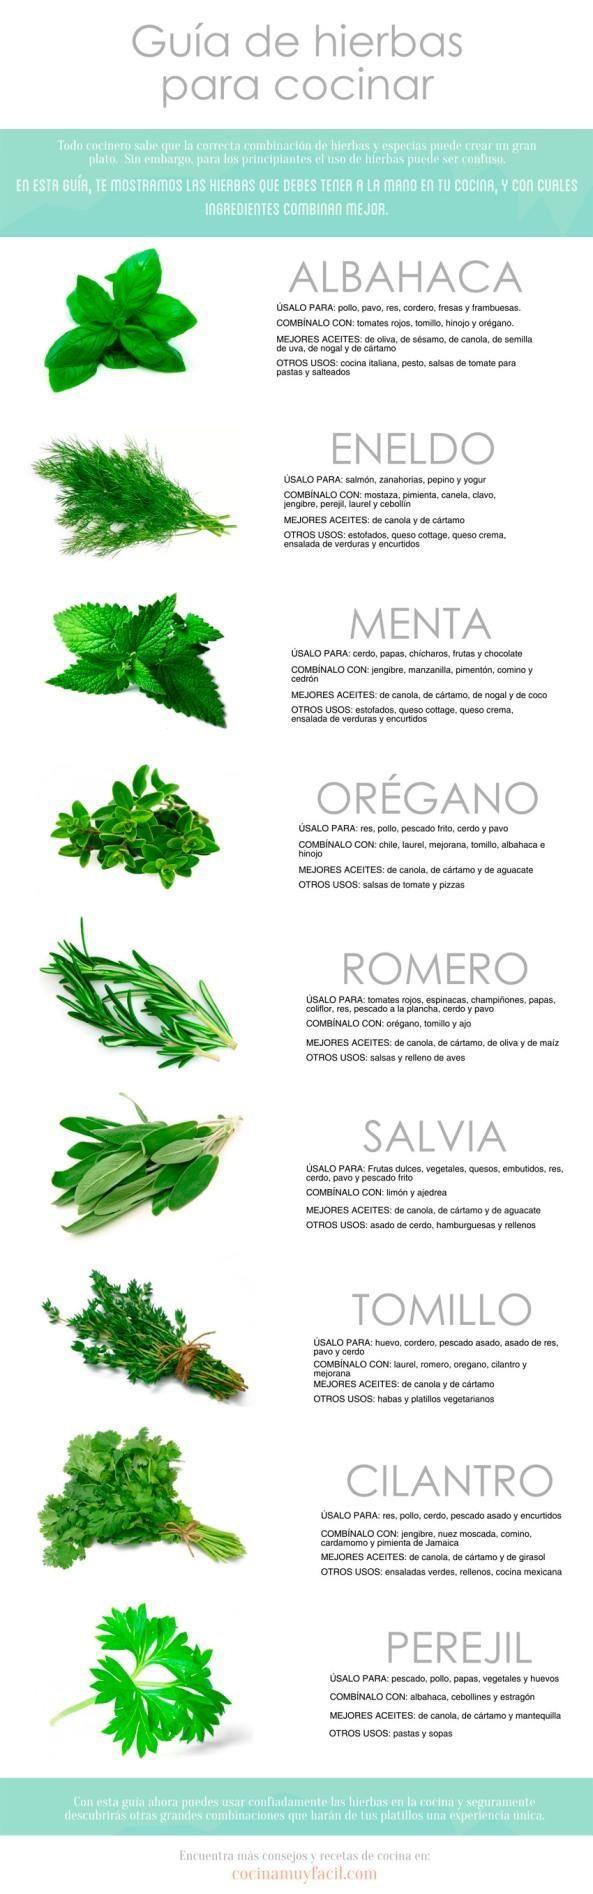 infografia-hierbas-cocinar_mini